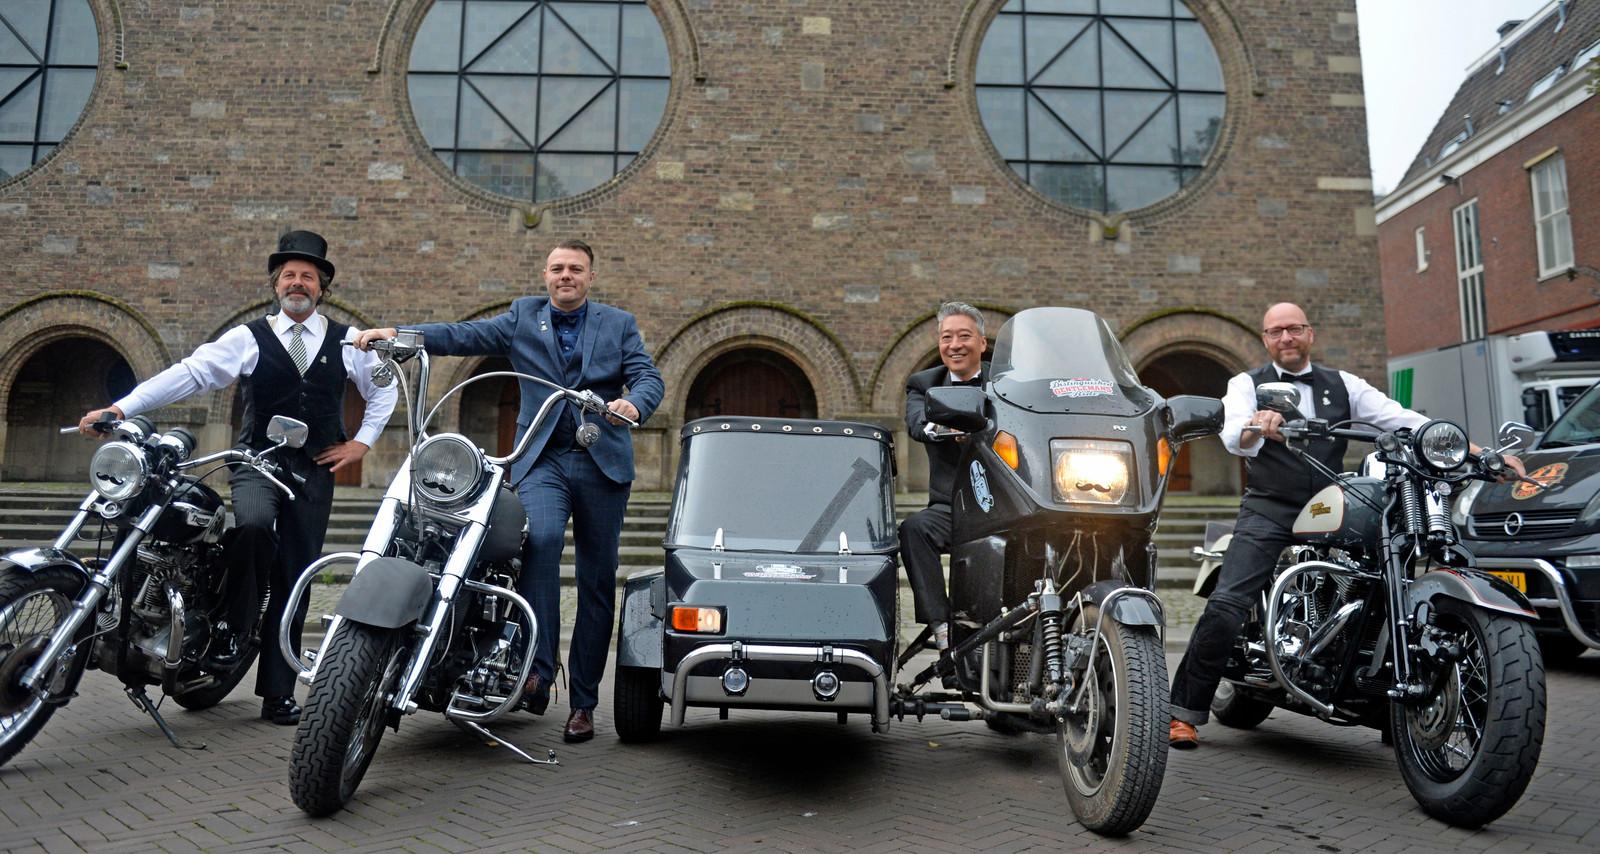 Van links af: Frits van den Esschert met zijn Triumph T140, James Wiersma bij zijn Harley Davidson Softtail Heritage, Yuen Kui op zijn BMW K75 met zijspan en Karel Harmsen op zijn Harley Davidson Softtail Deuce